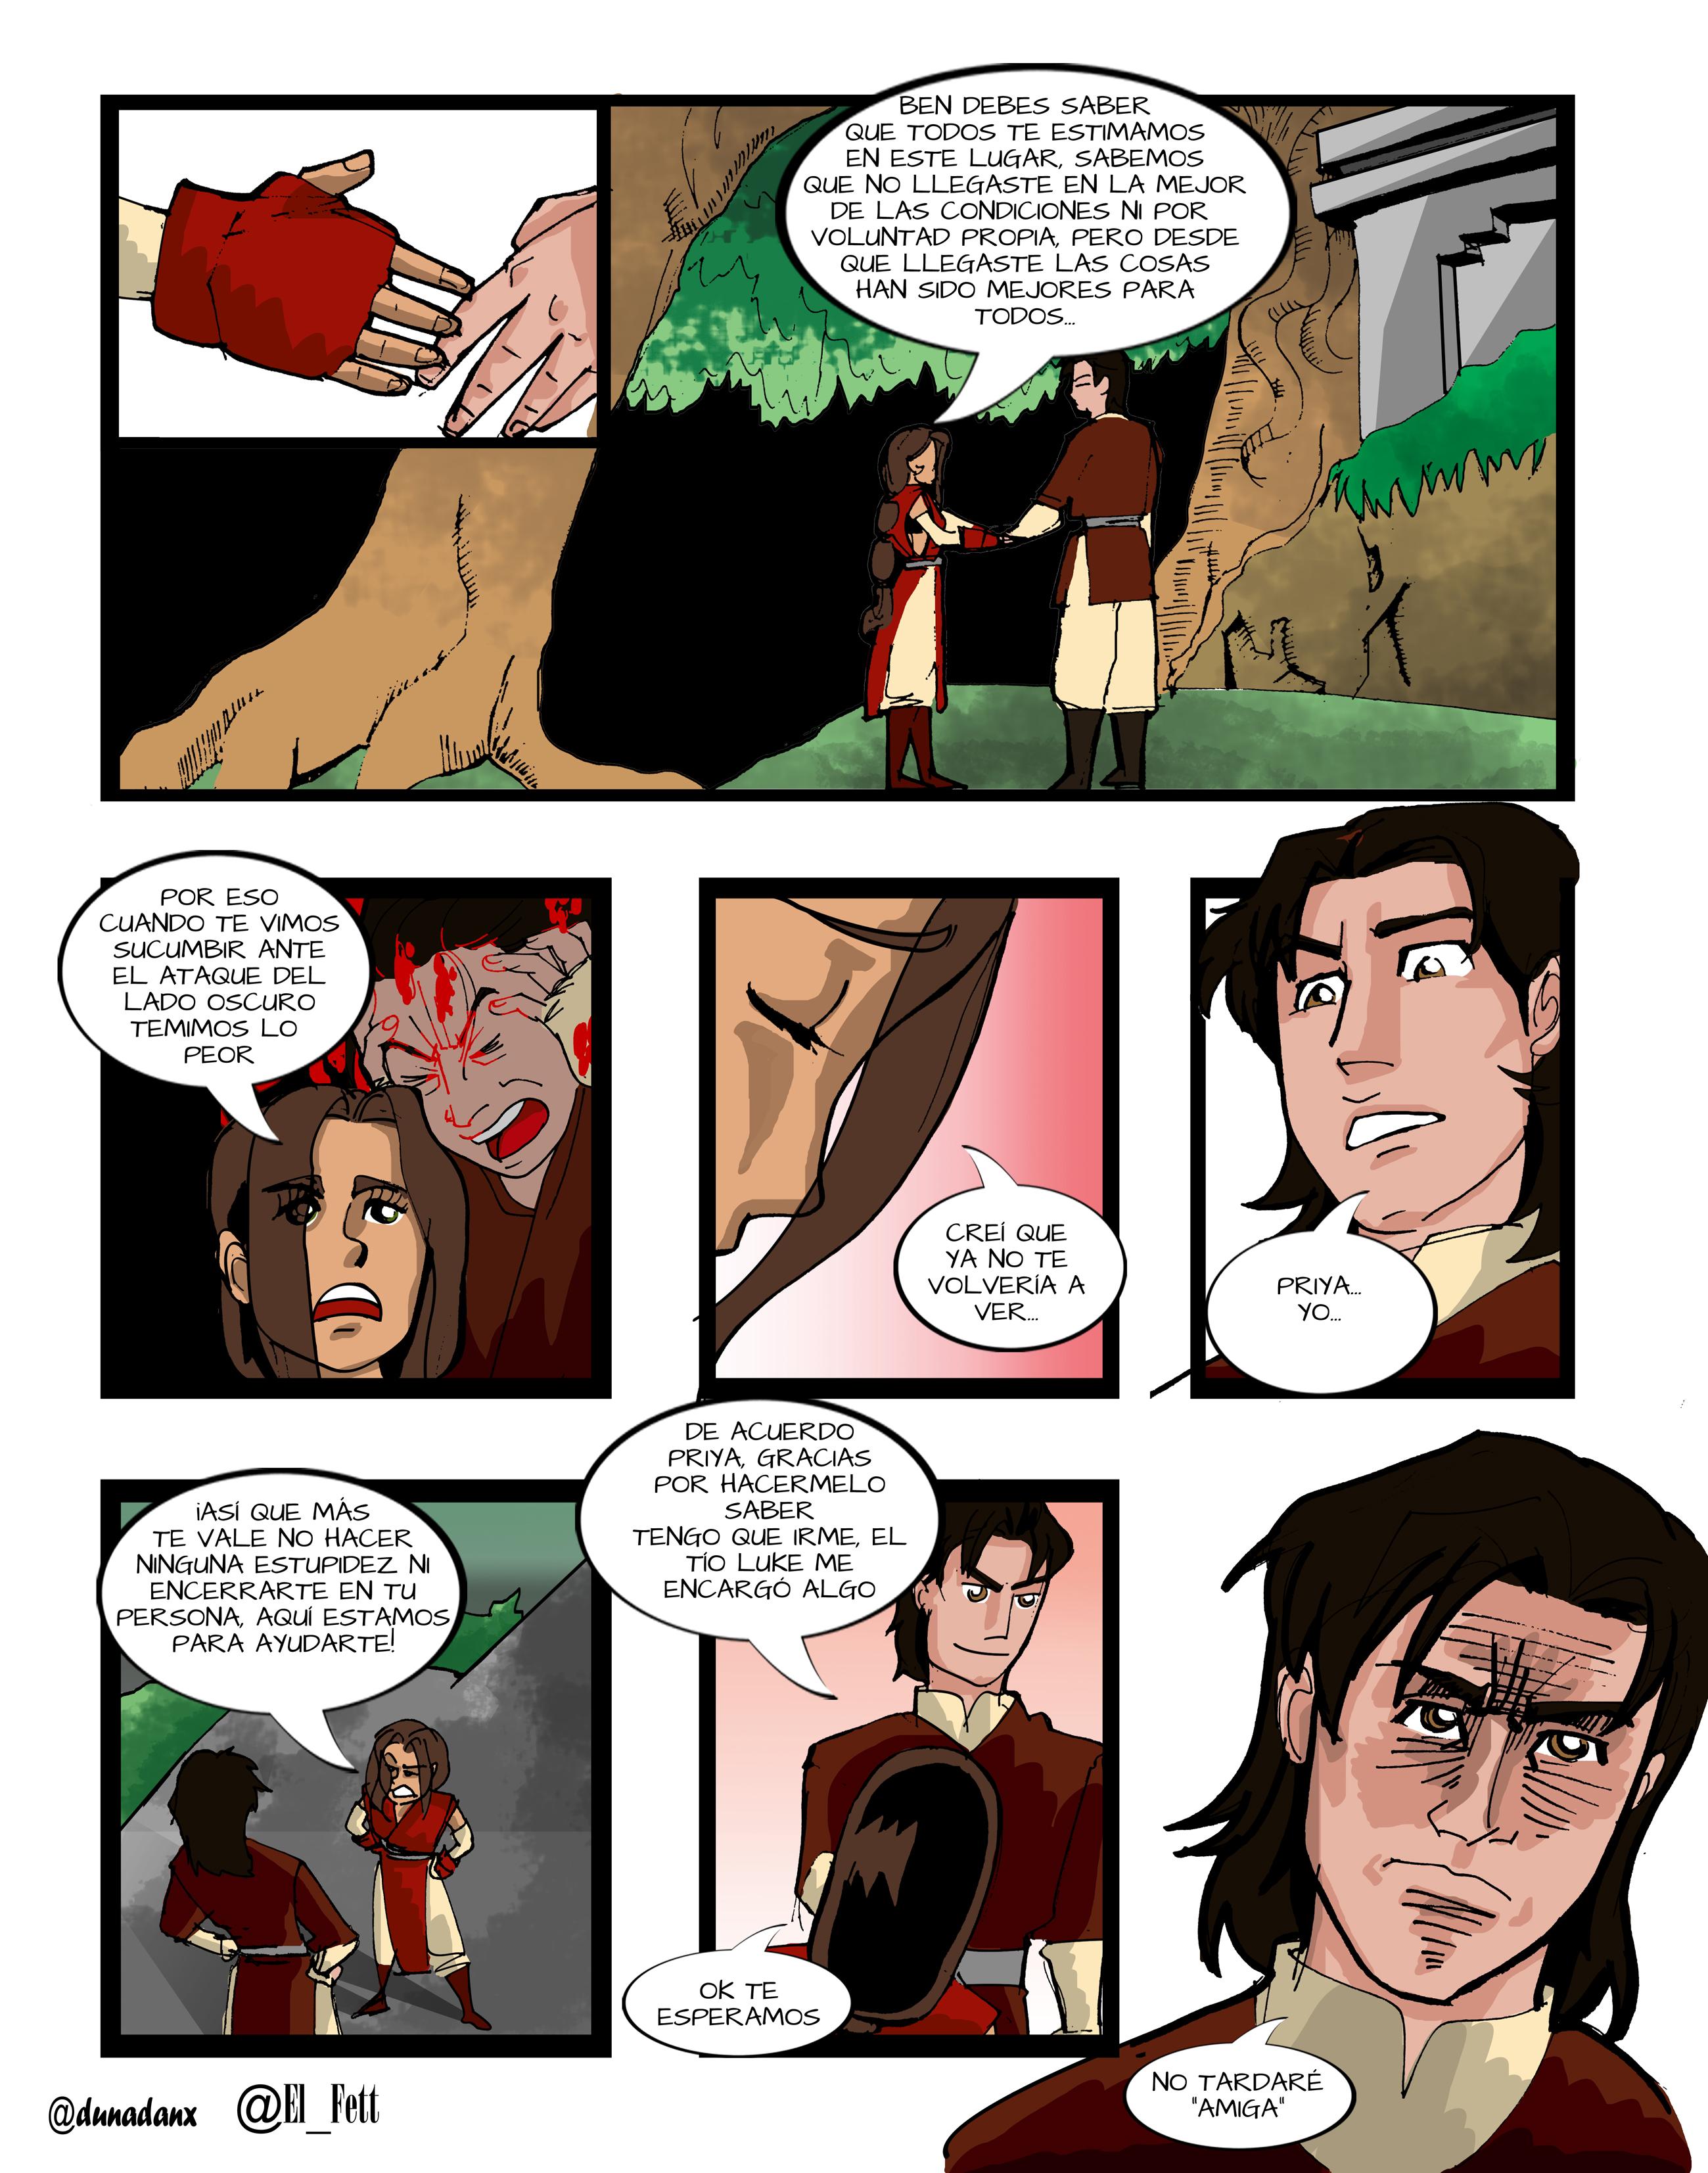 Pagina 16 flat kr lr